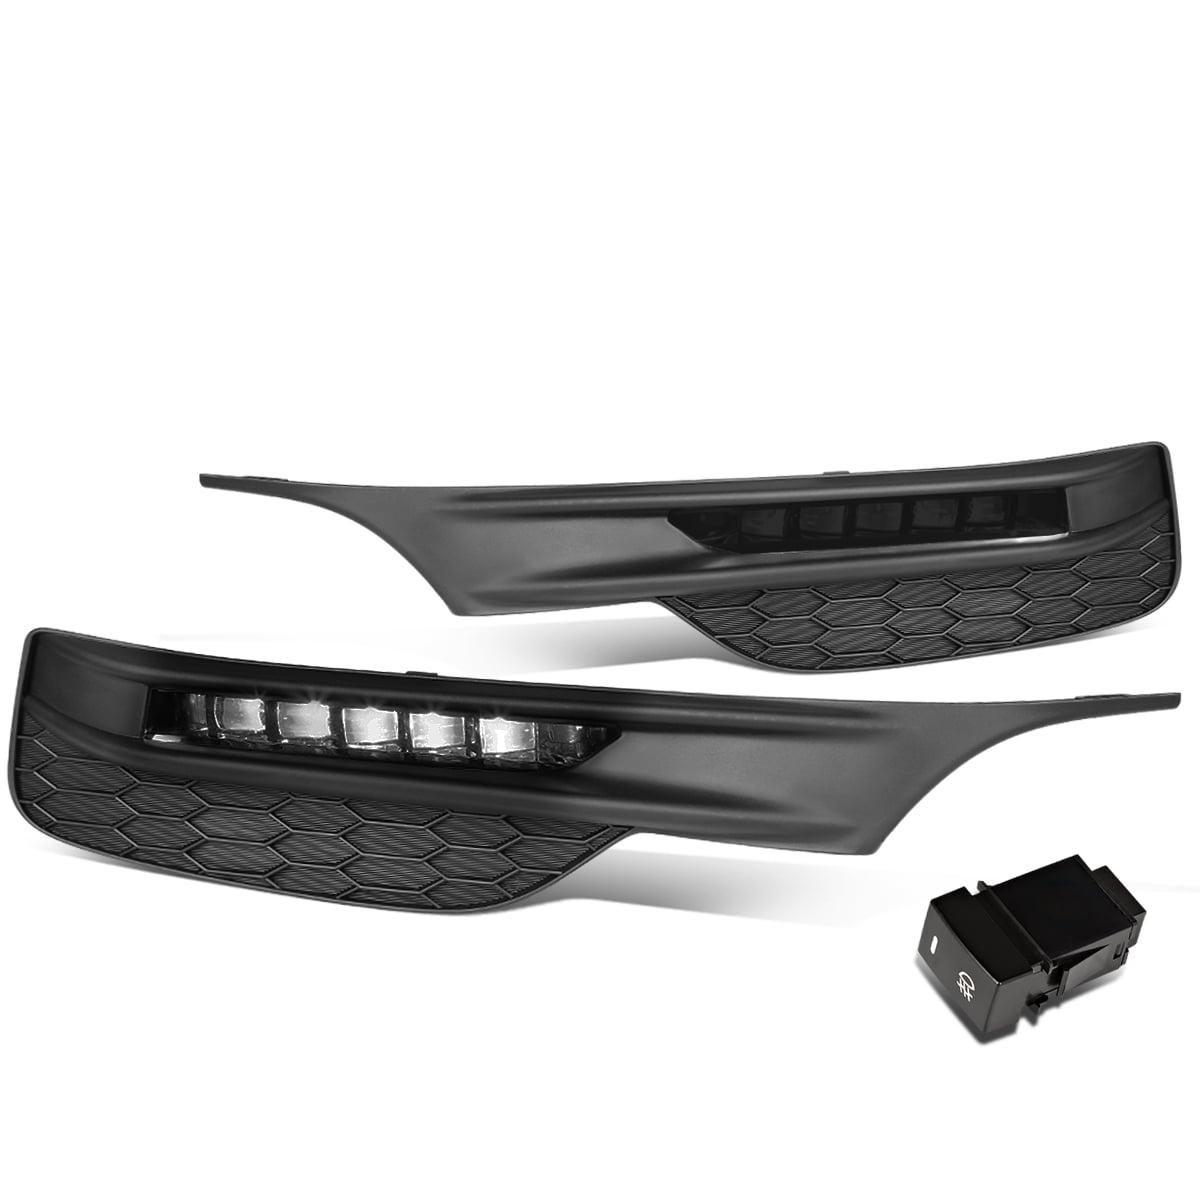 For 16-17 Honda Accord Front Bumper LED Fog Light/Lamp+Bezel+Switch Smoked Lens Left+Right